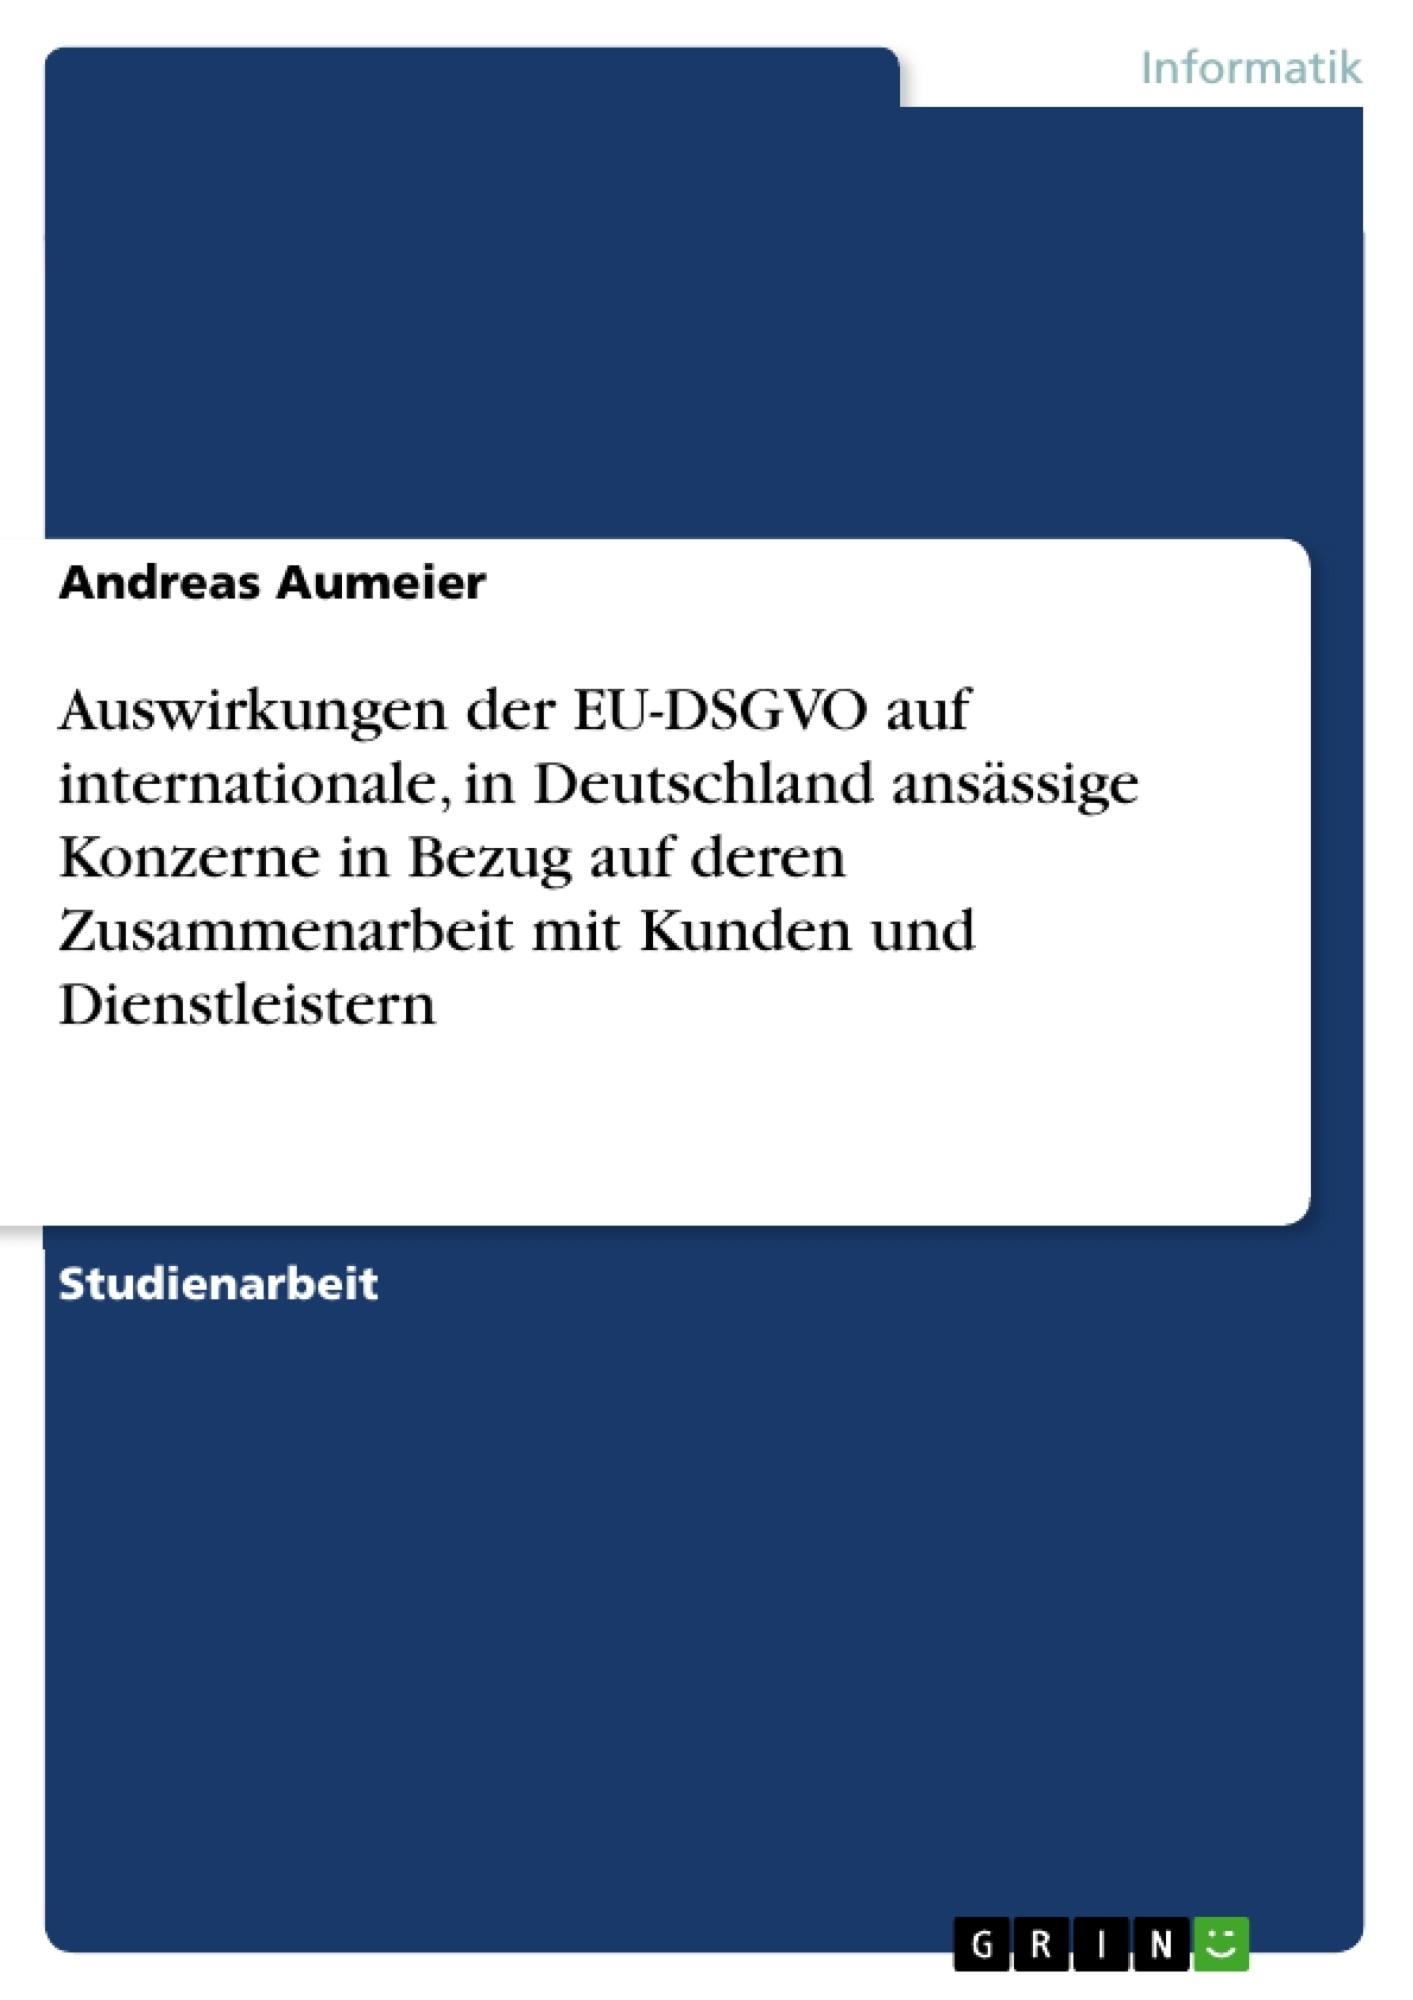 Titel: Auswirkungen der EU-DSGVO auf internationale, in Deutschland ansässige Konzerne in Bezug auf deren Zusammenarbeit mit Kunden und Dienstleistern